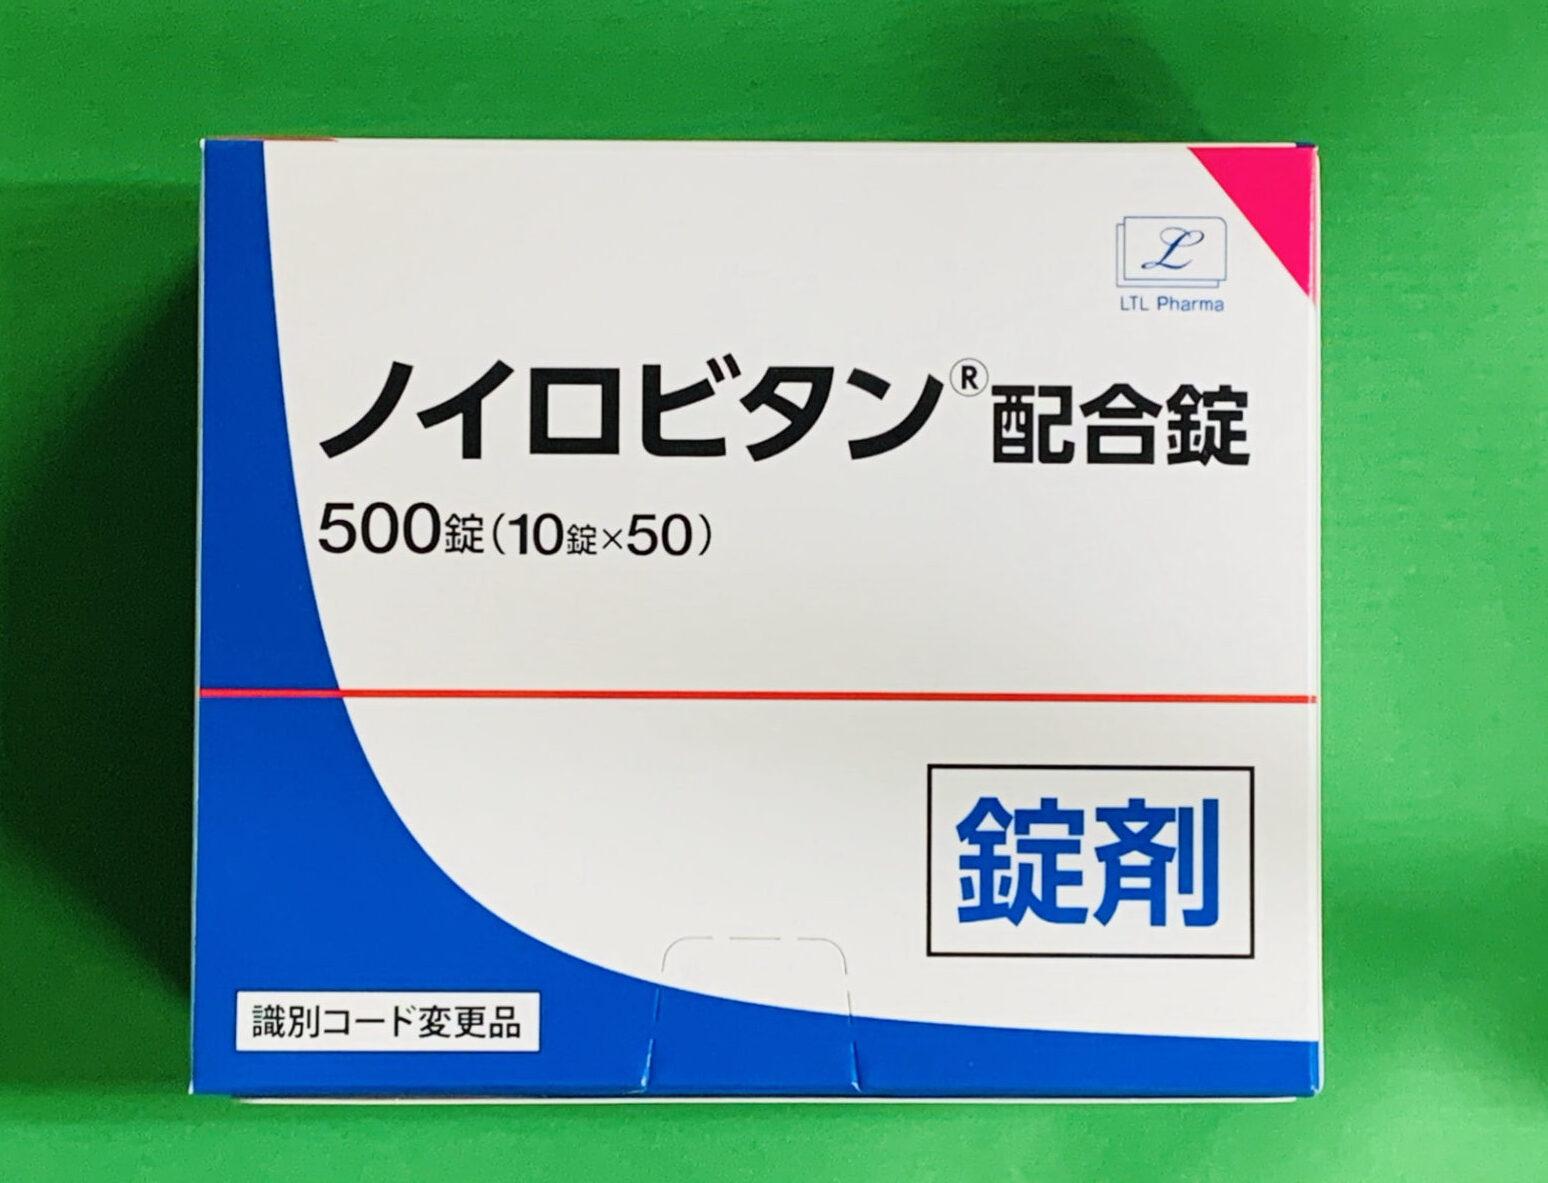 ノイロビタン配合錠